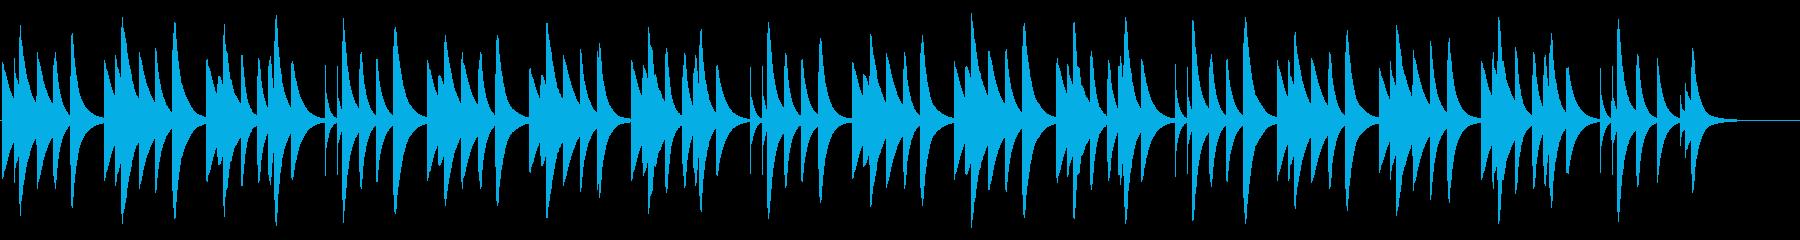 ハッピーバースデー 18弁オルゴールの再生済みの波形